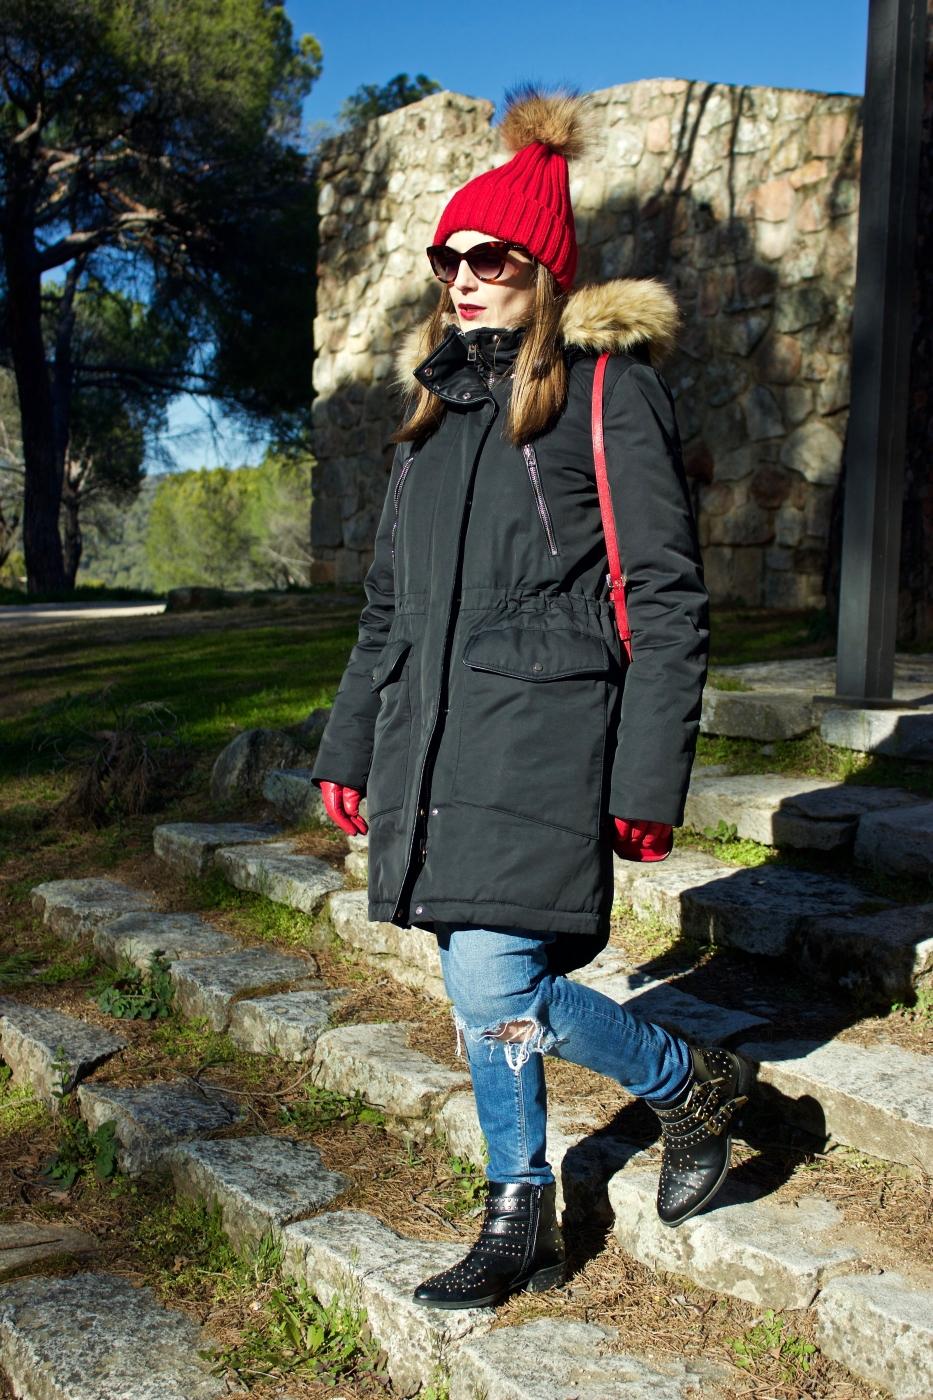 lara-vazquez-madlula-style-fashion-blog-pop-of-red